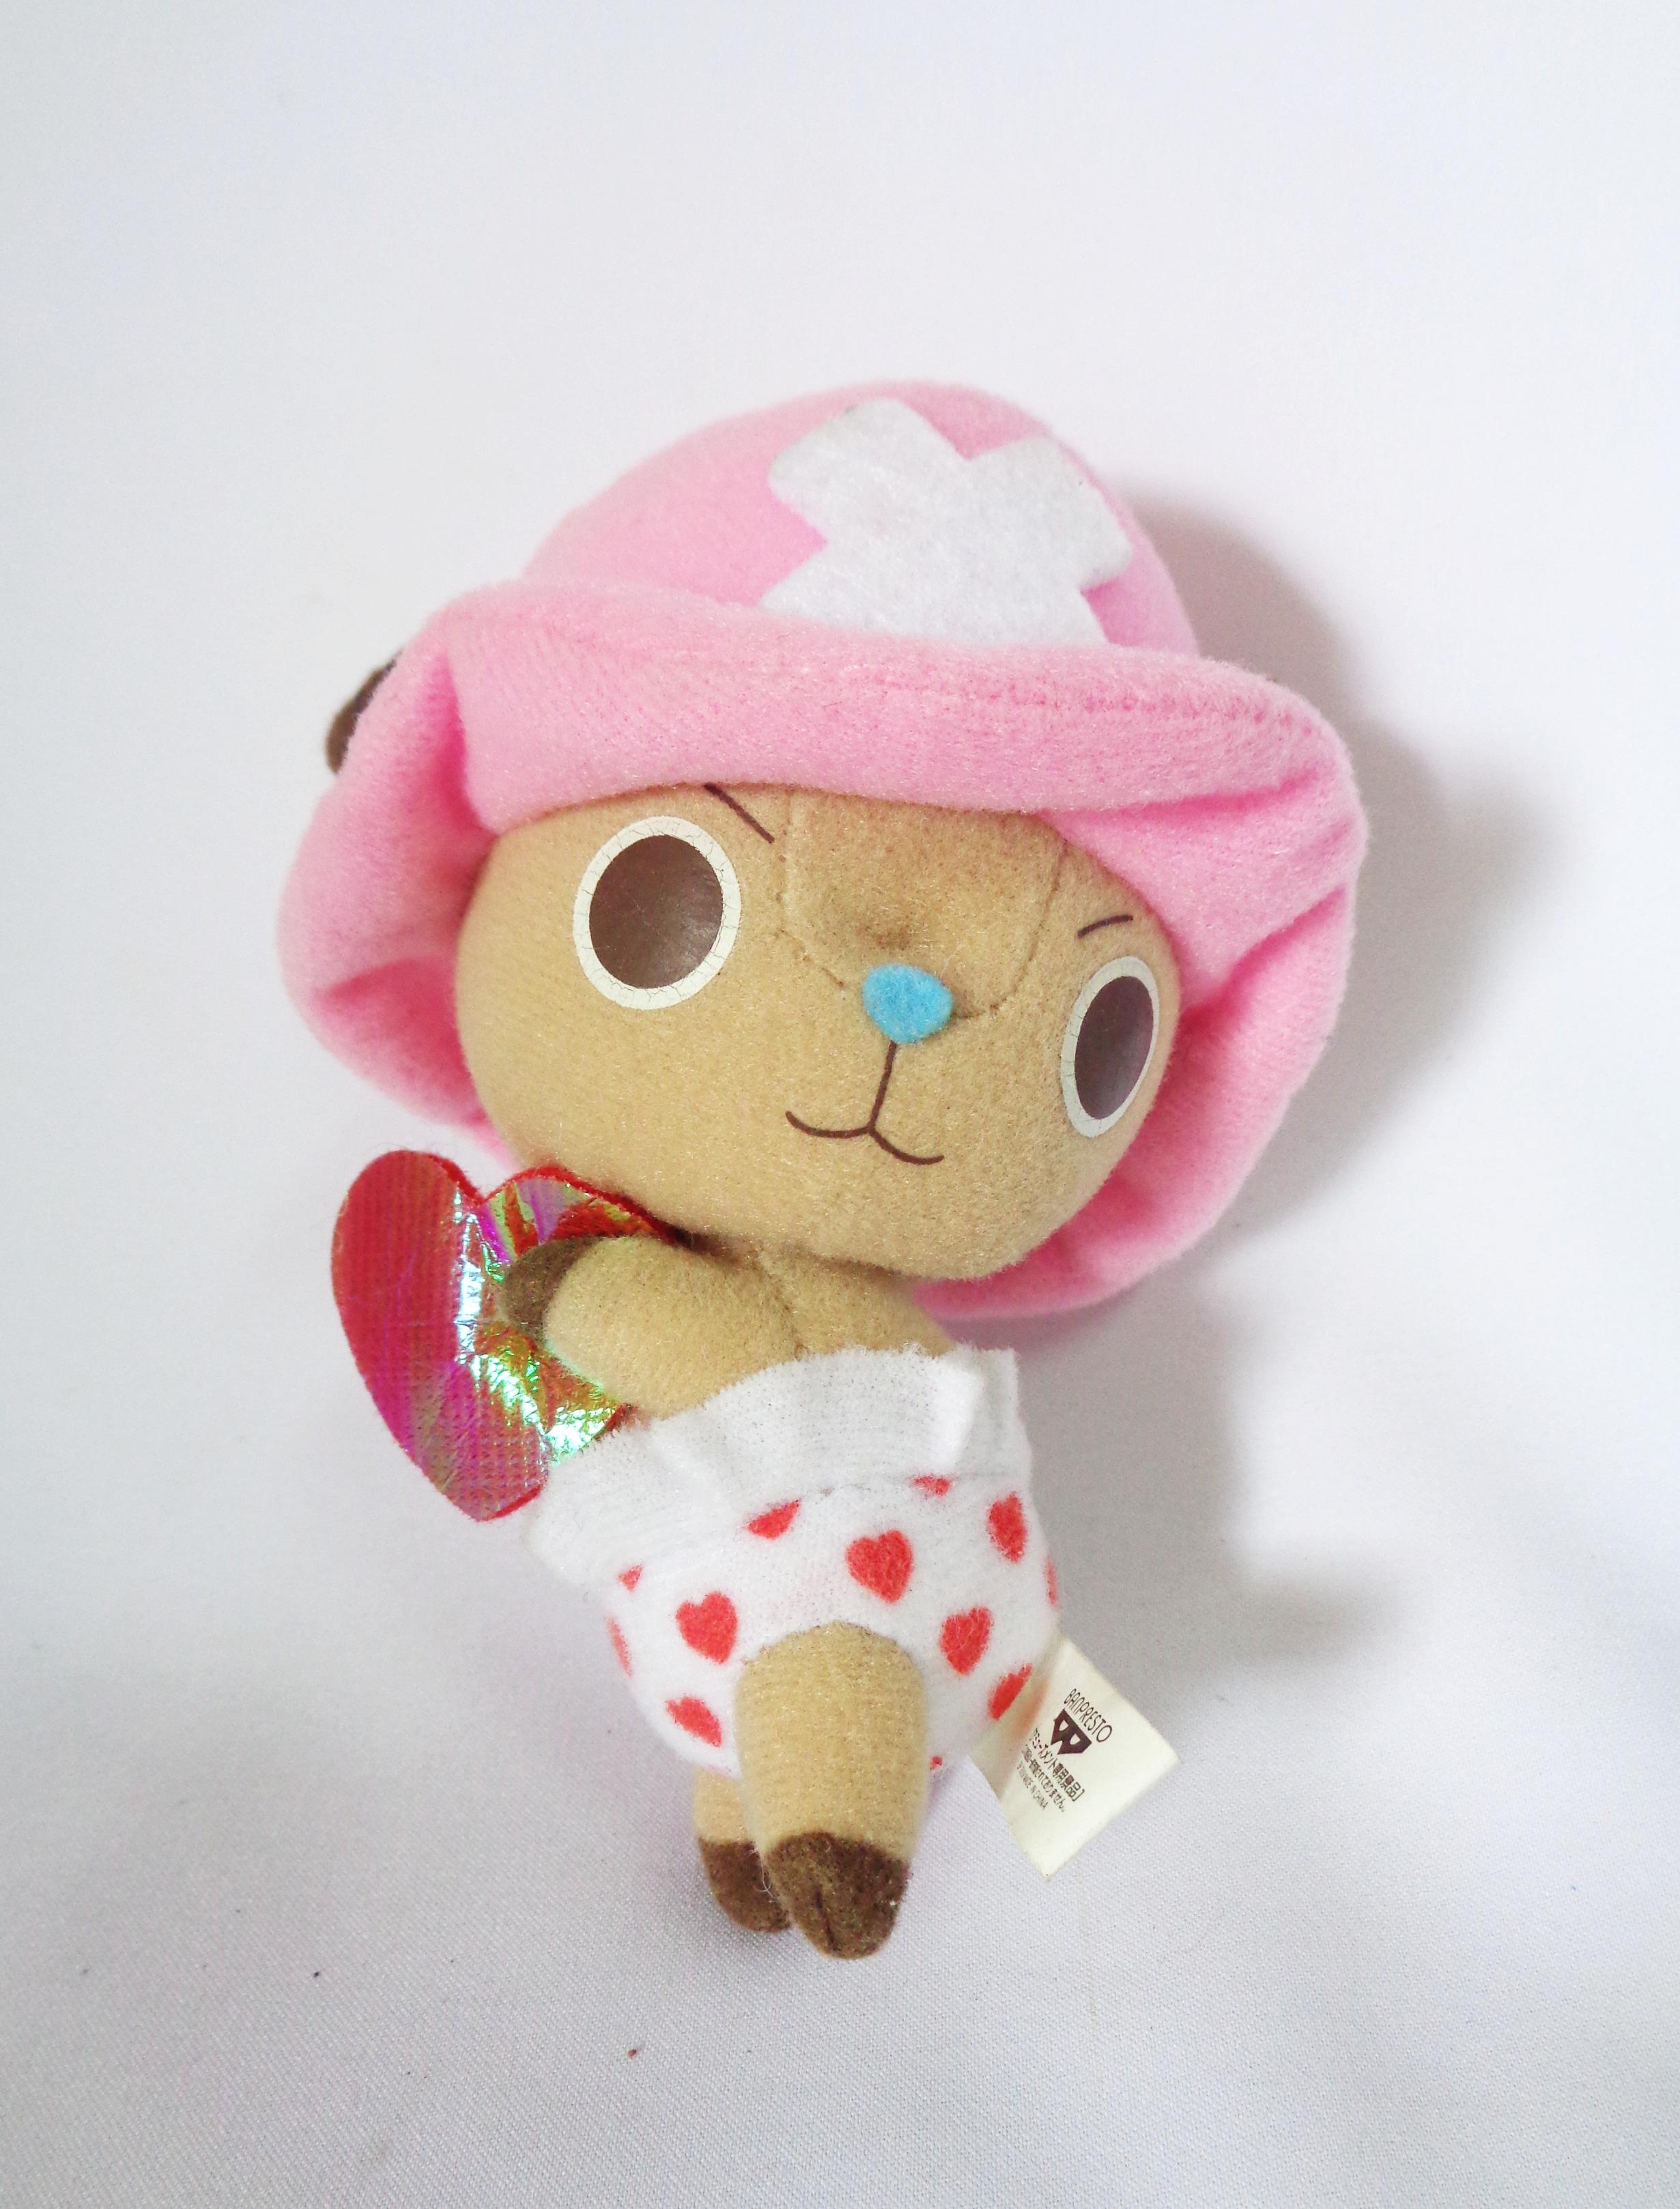 พวงกุญแจตุ๊กตา Chopper จากการ์ตูนเรื่อง One Piece